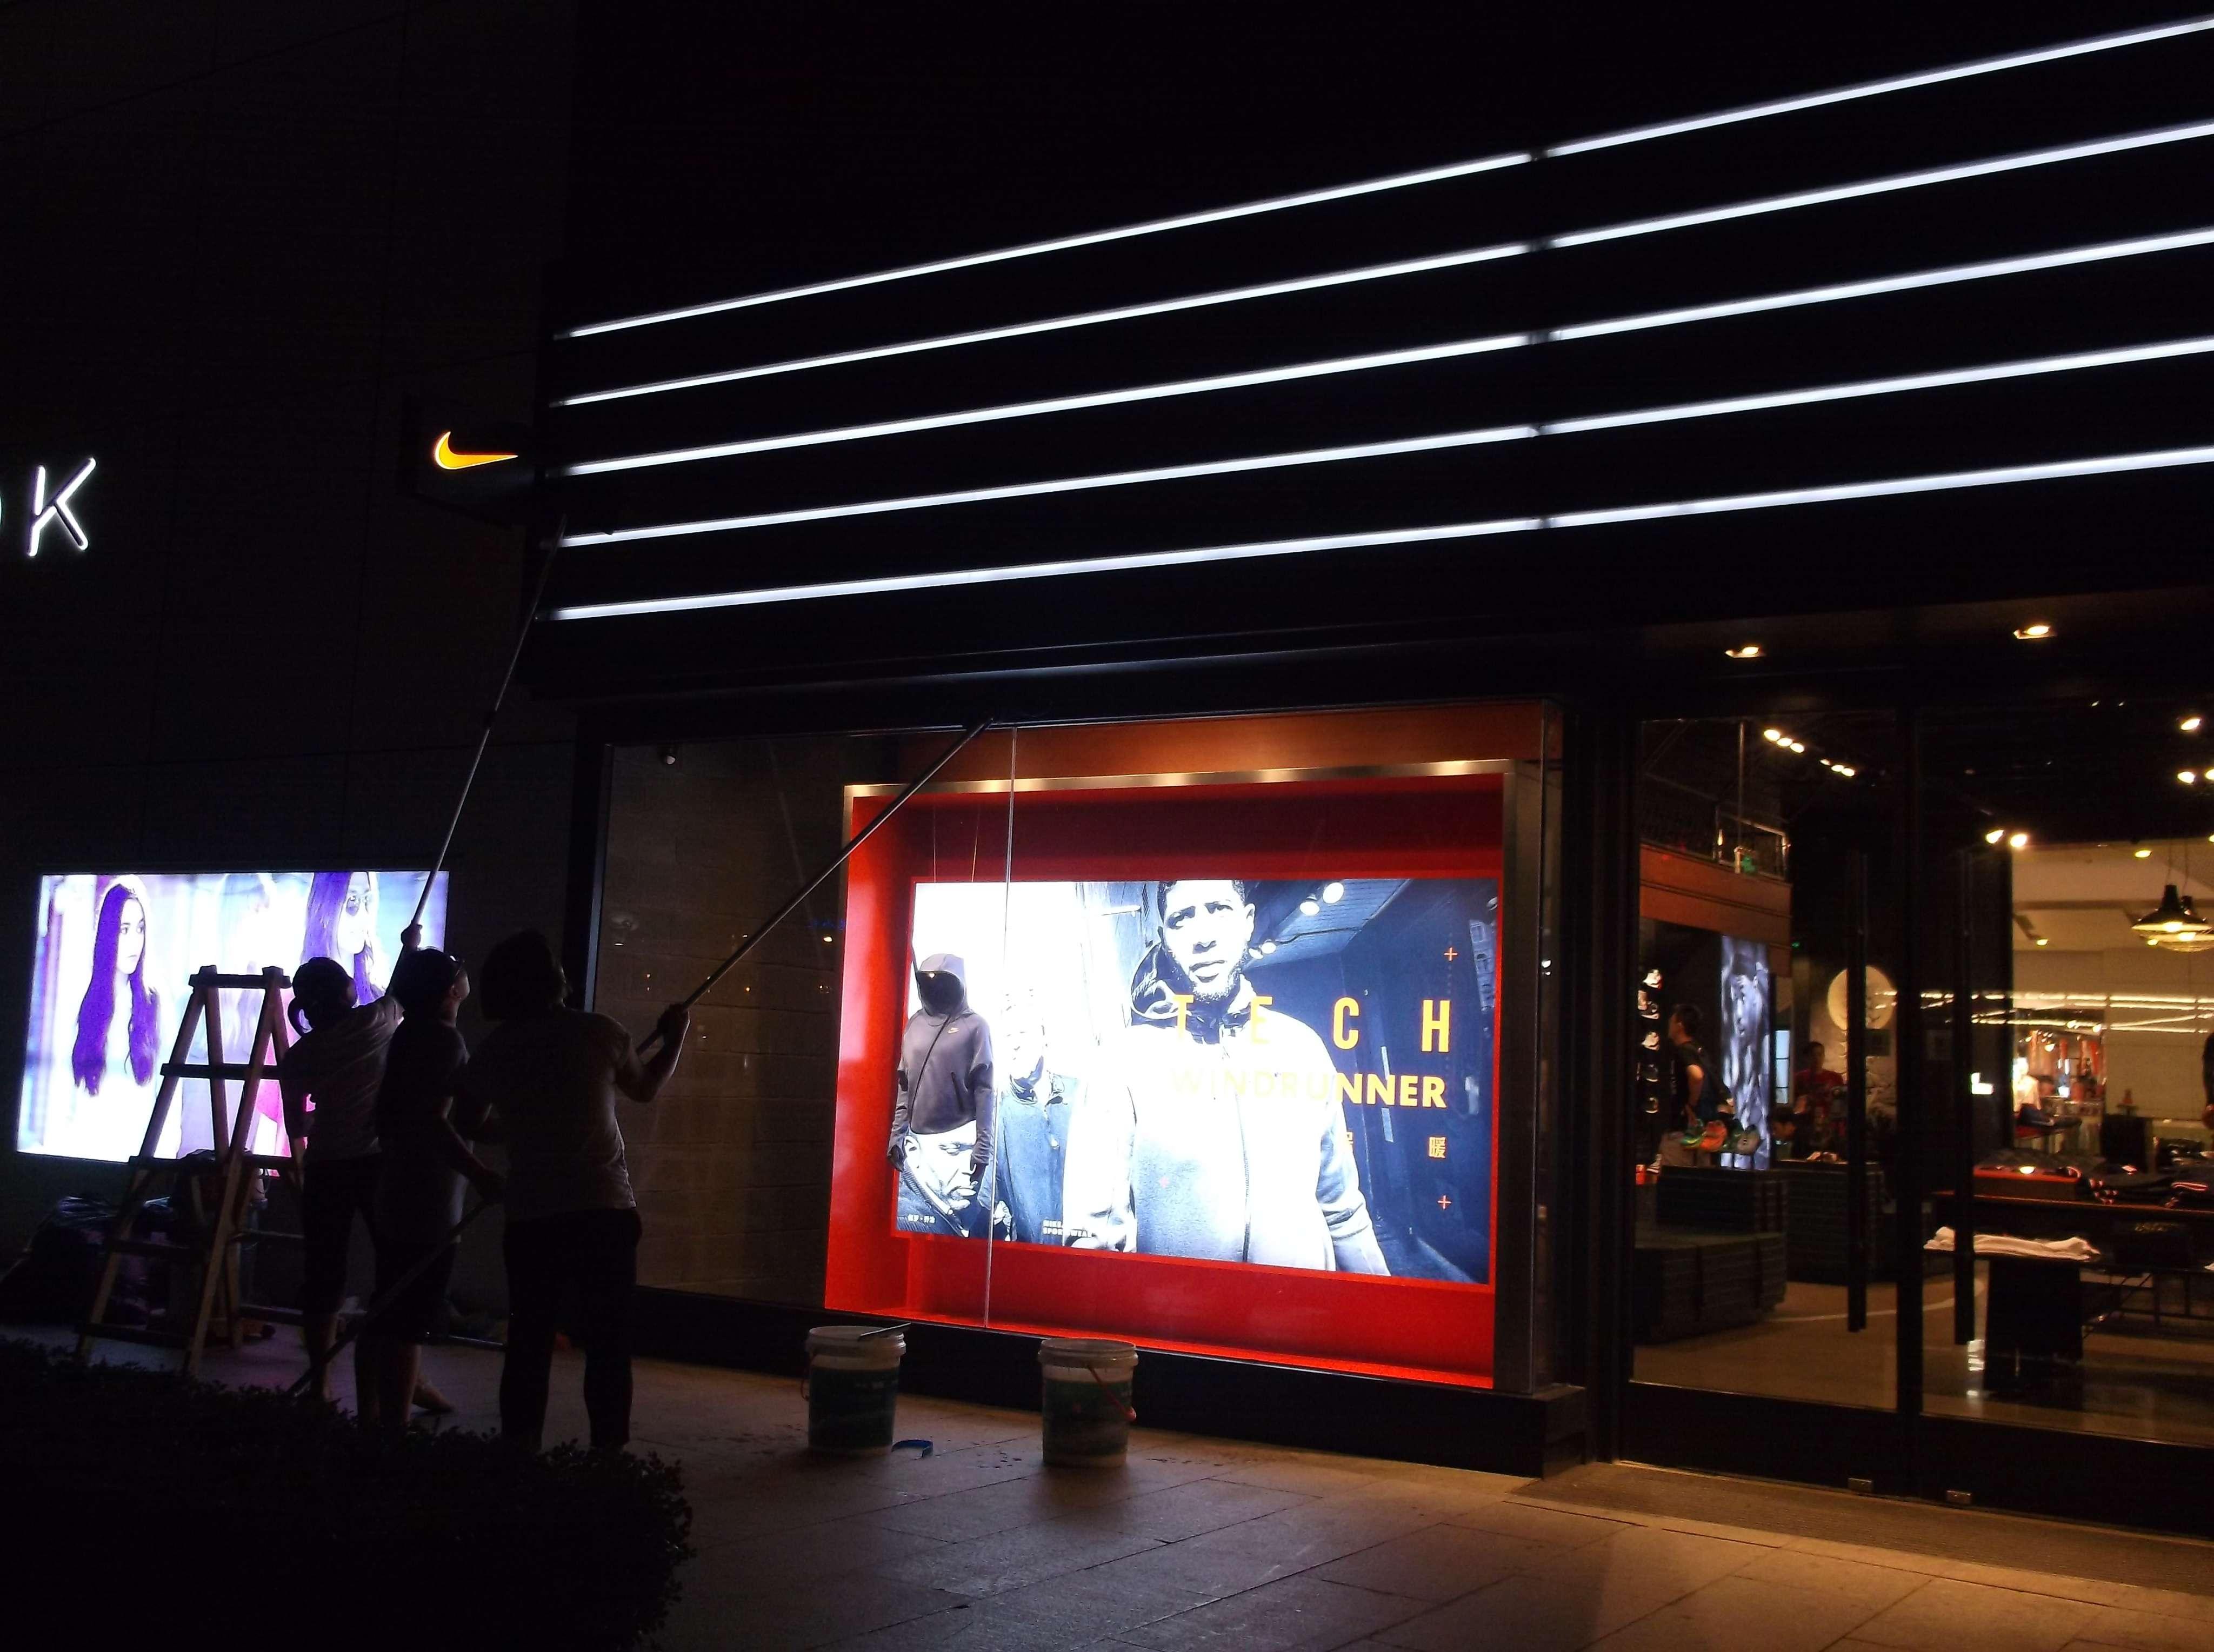 北京家庭粉刷公司_北京佳丽清洗保洁有限公司,保洁托管,定点保洁